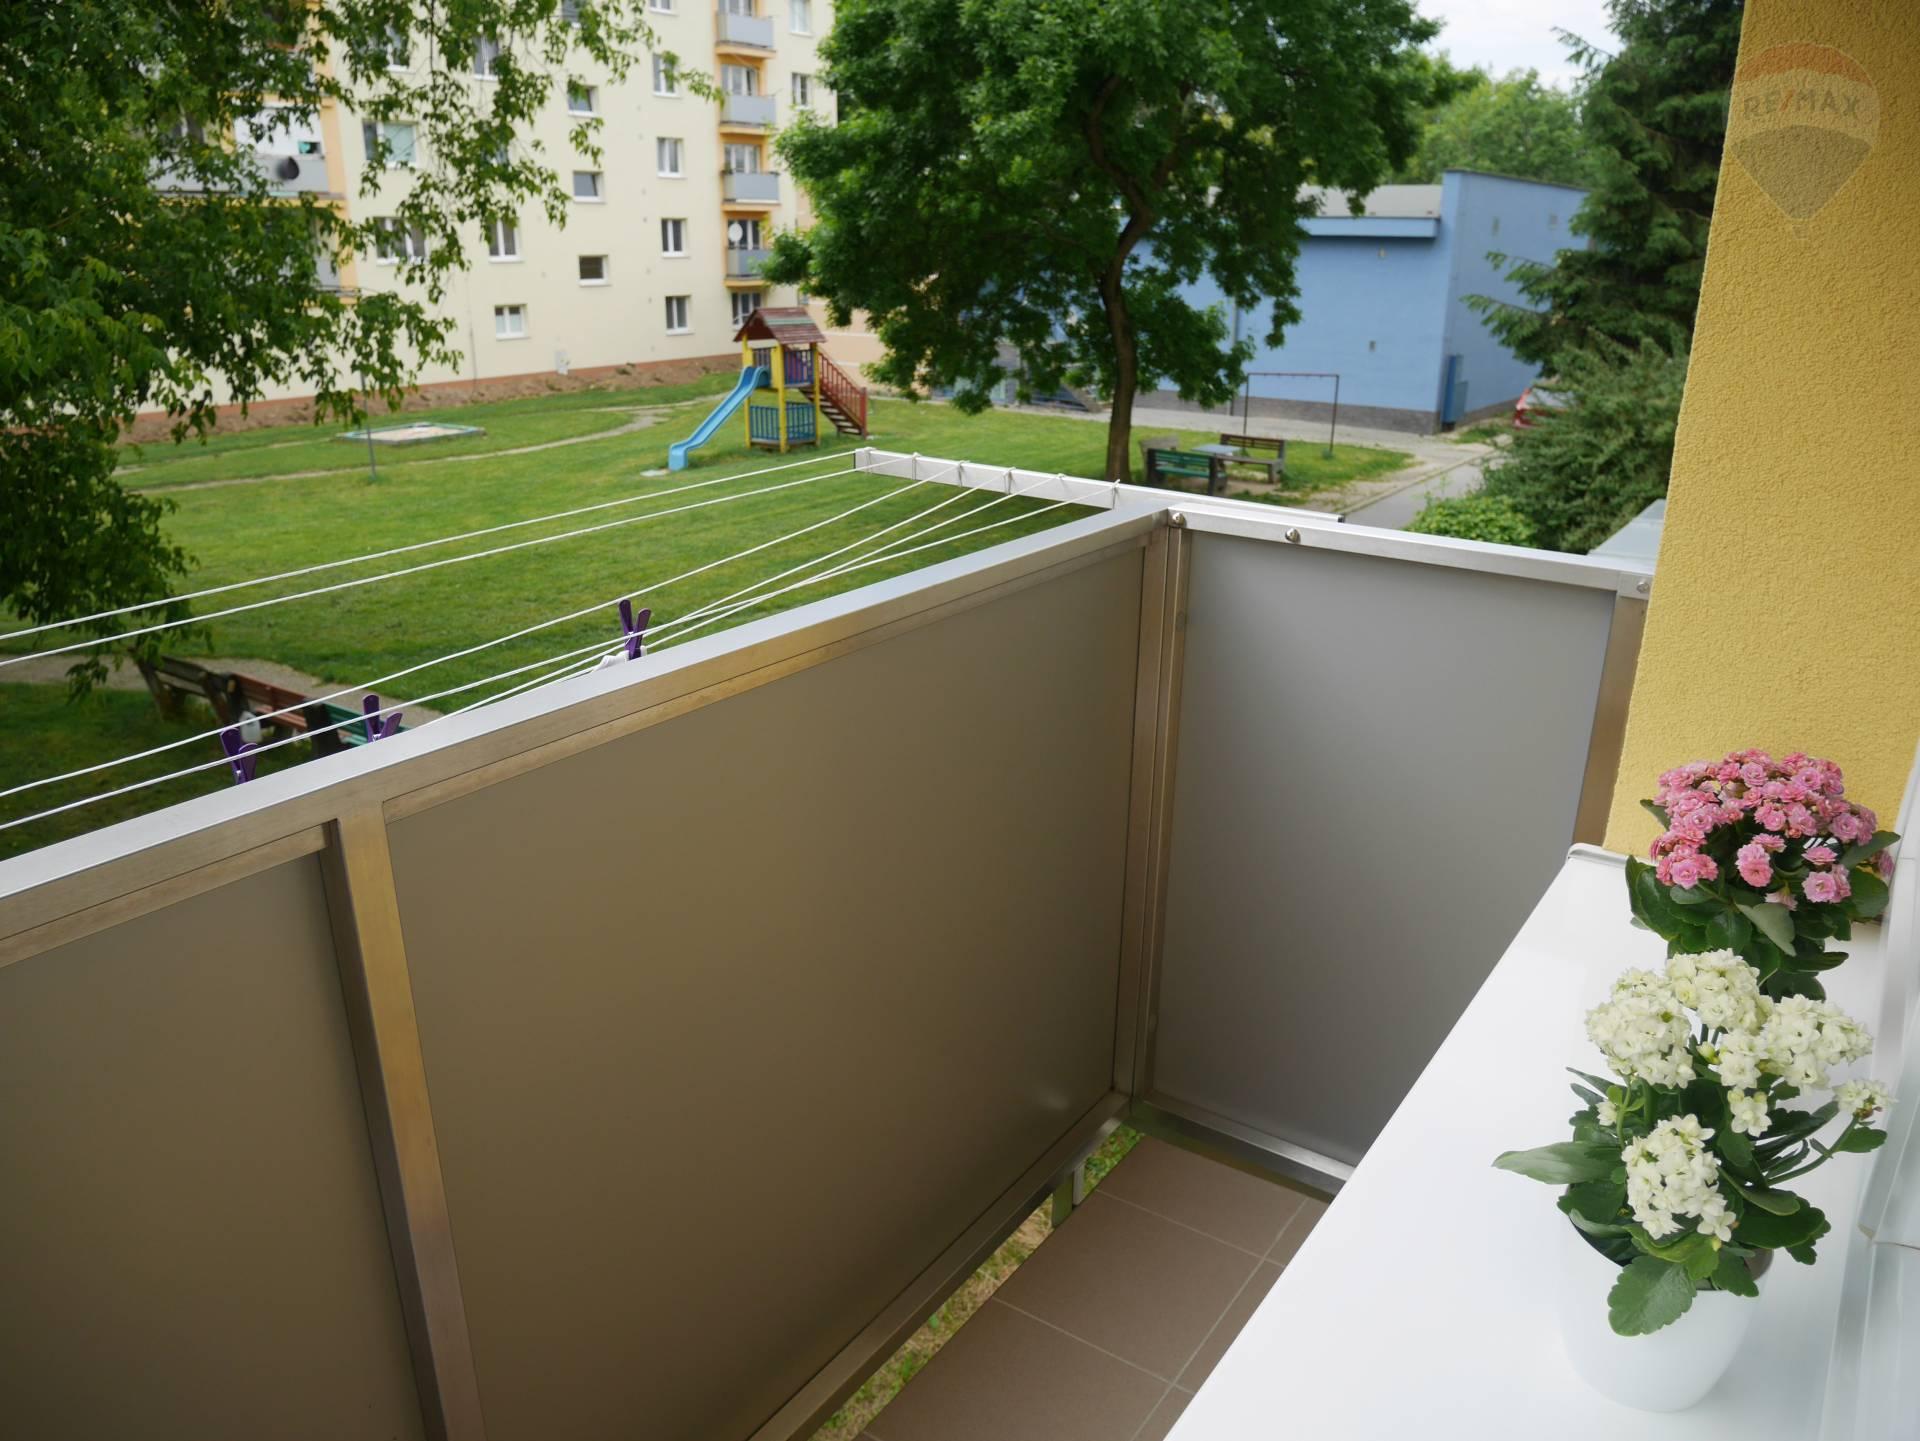 2. izbový byt na predaj alebo výmenu, staré sídlisko v Prievidzi, 58m2, balkón, výťah